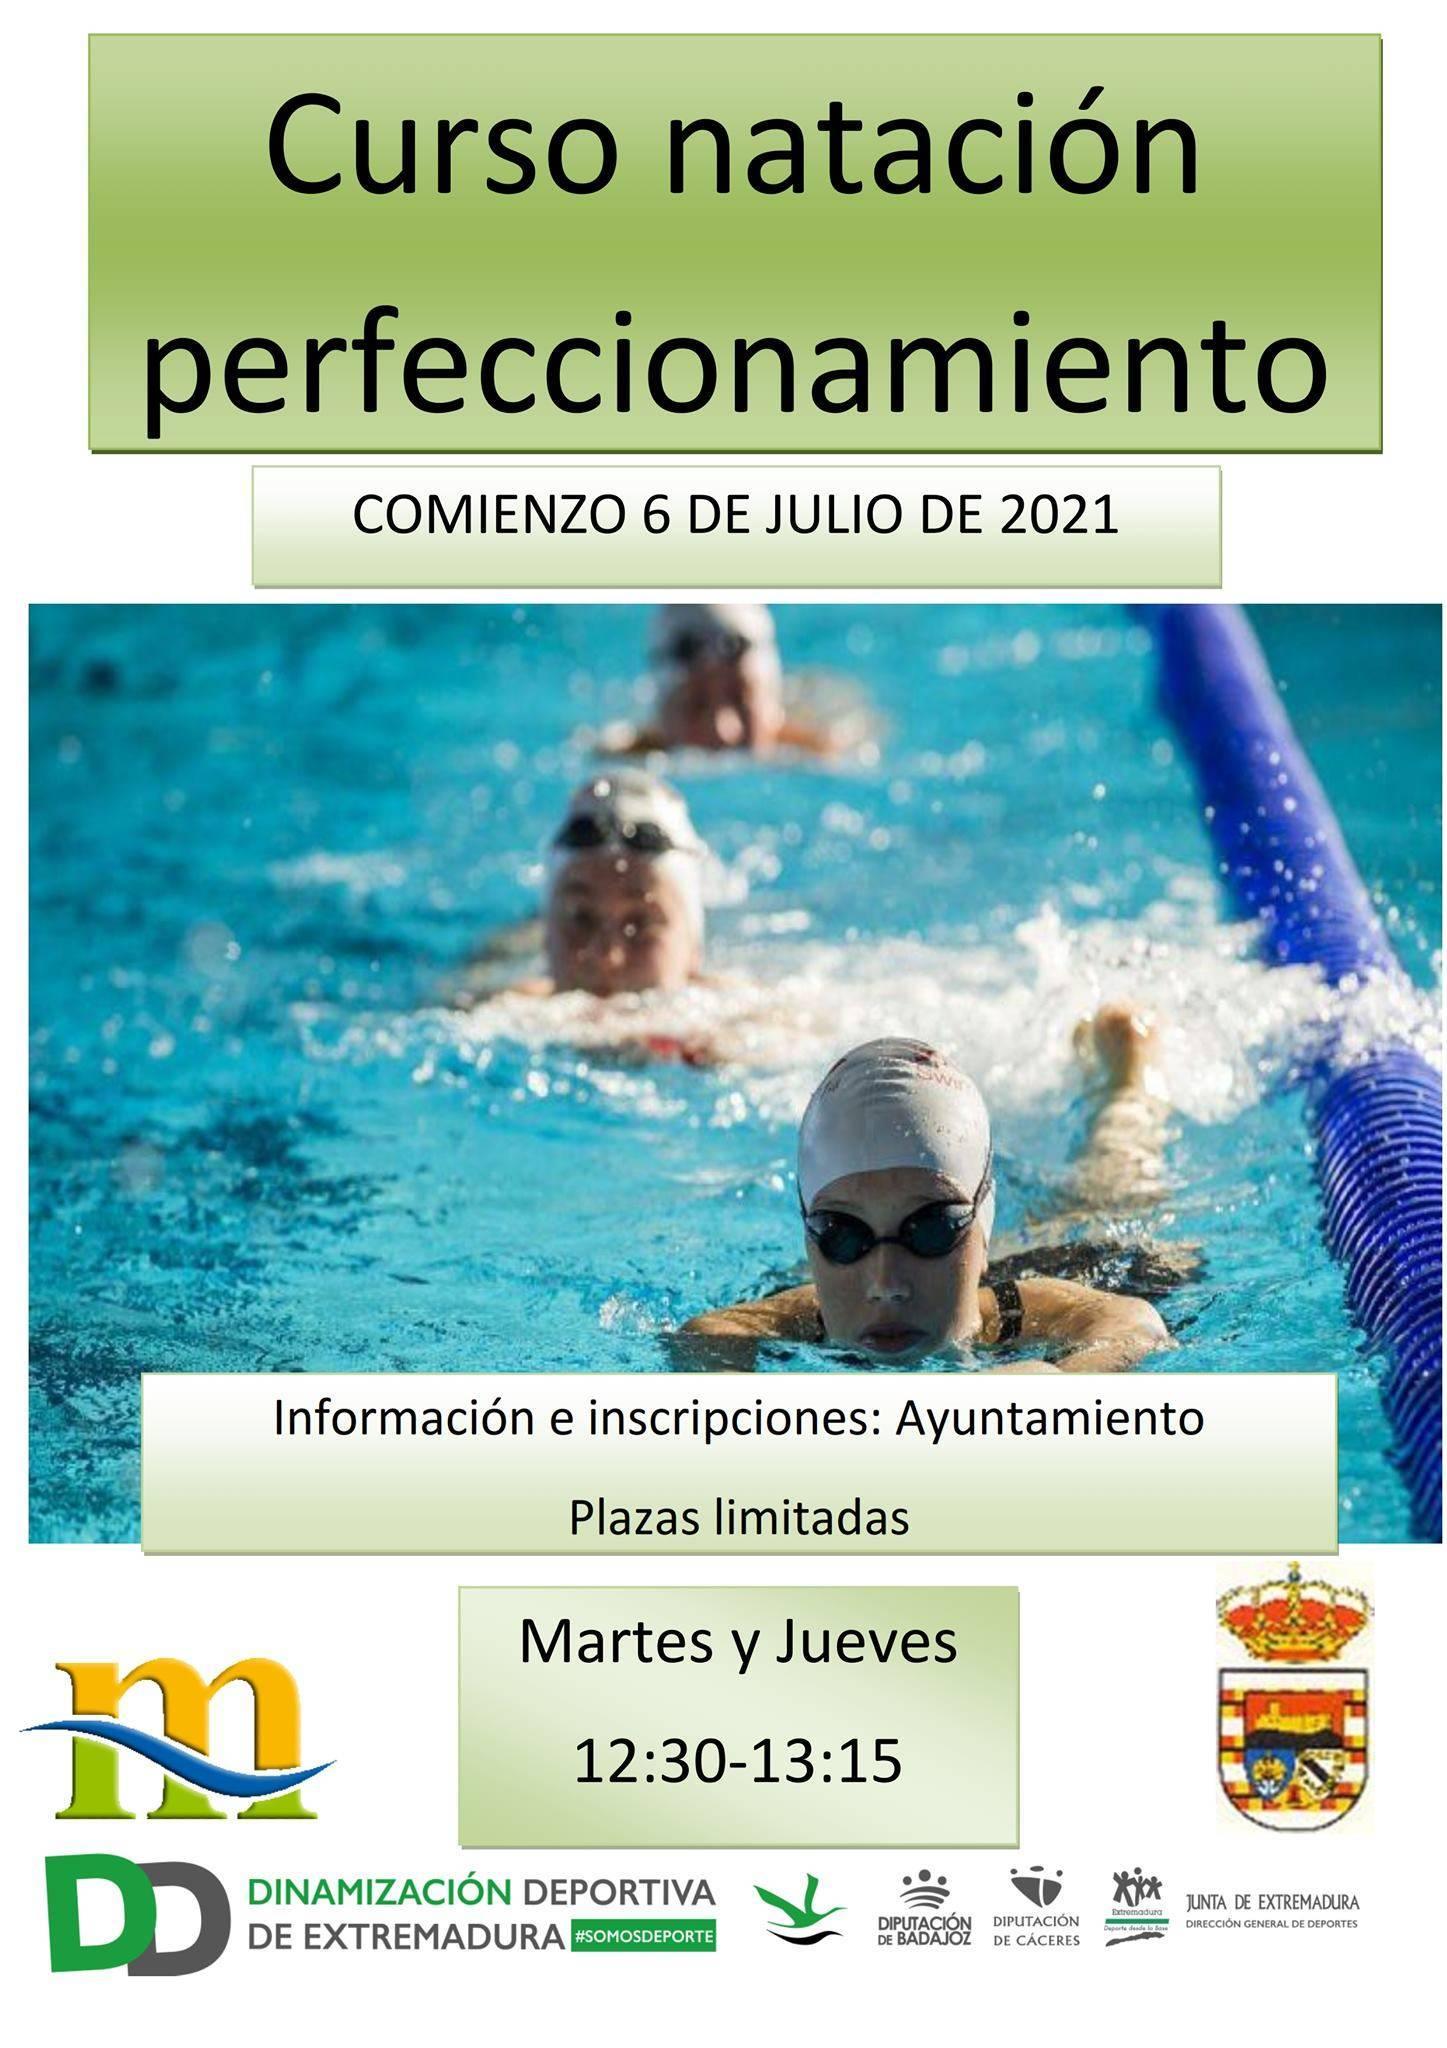 Curso de natación de perfeccionamiento (2021) - Puebla de Alcocer (Badajoz)